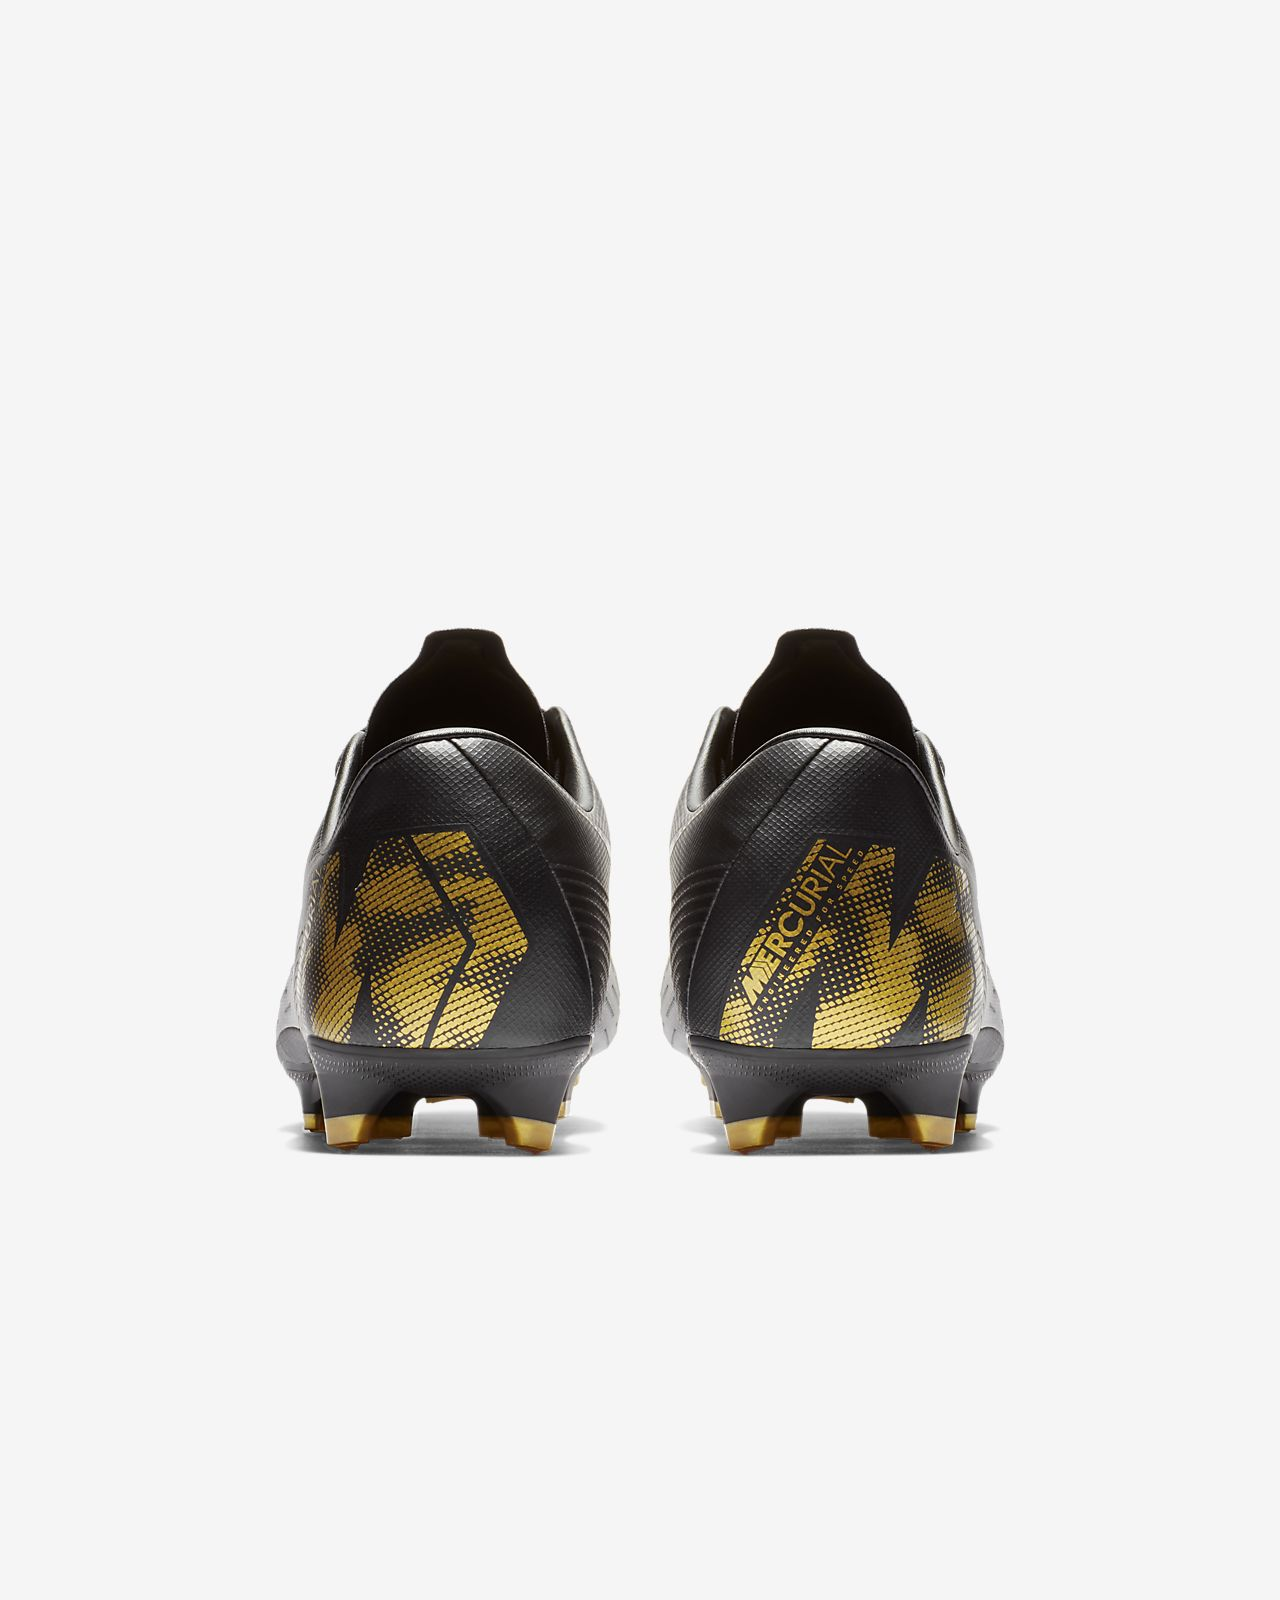 new style 32488 8325c ... Chaussure de football à crampons pour terrain sec Nike Vapor 12 Pro FG